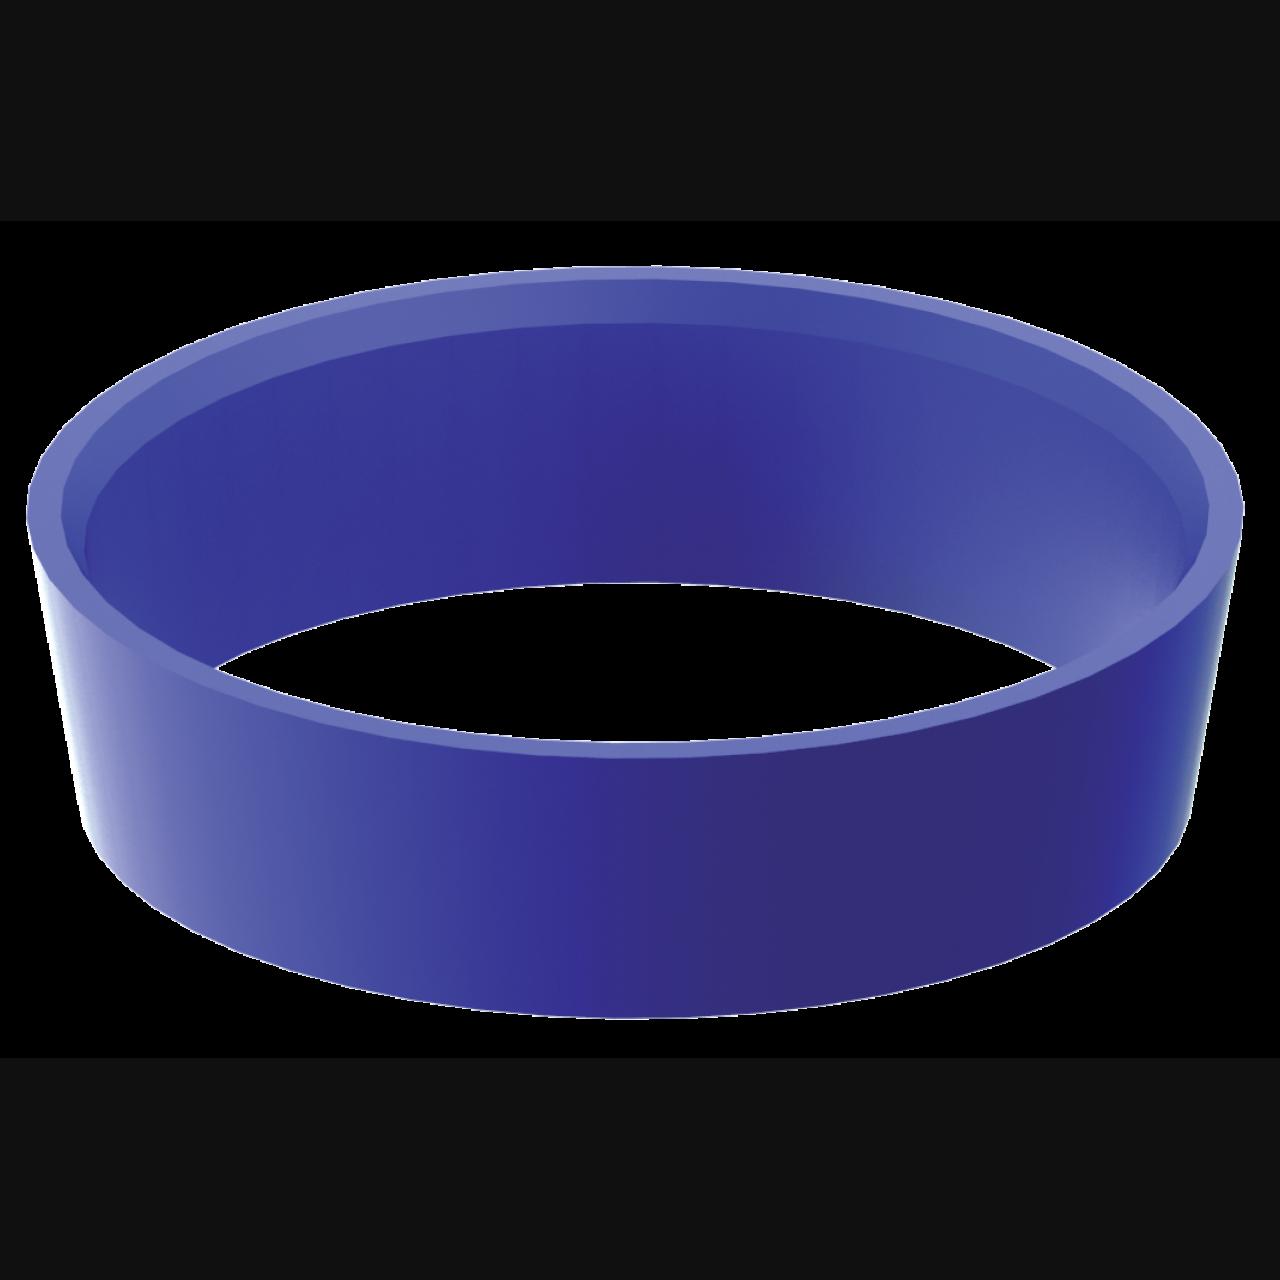 Кольцо уплотнительное конус 40 канализация ostendorf в симферополе